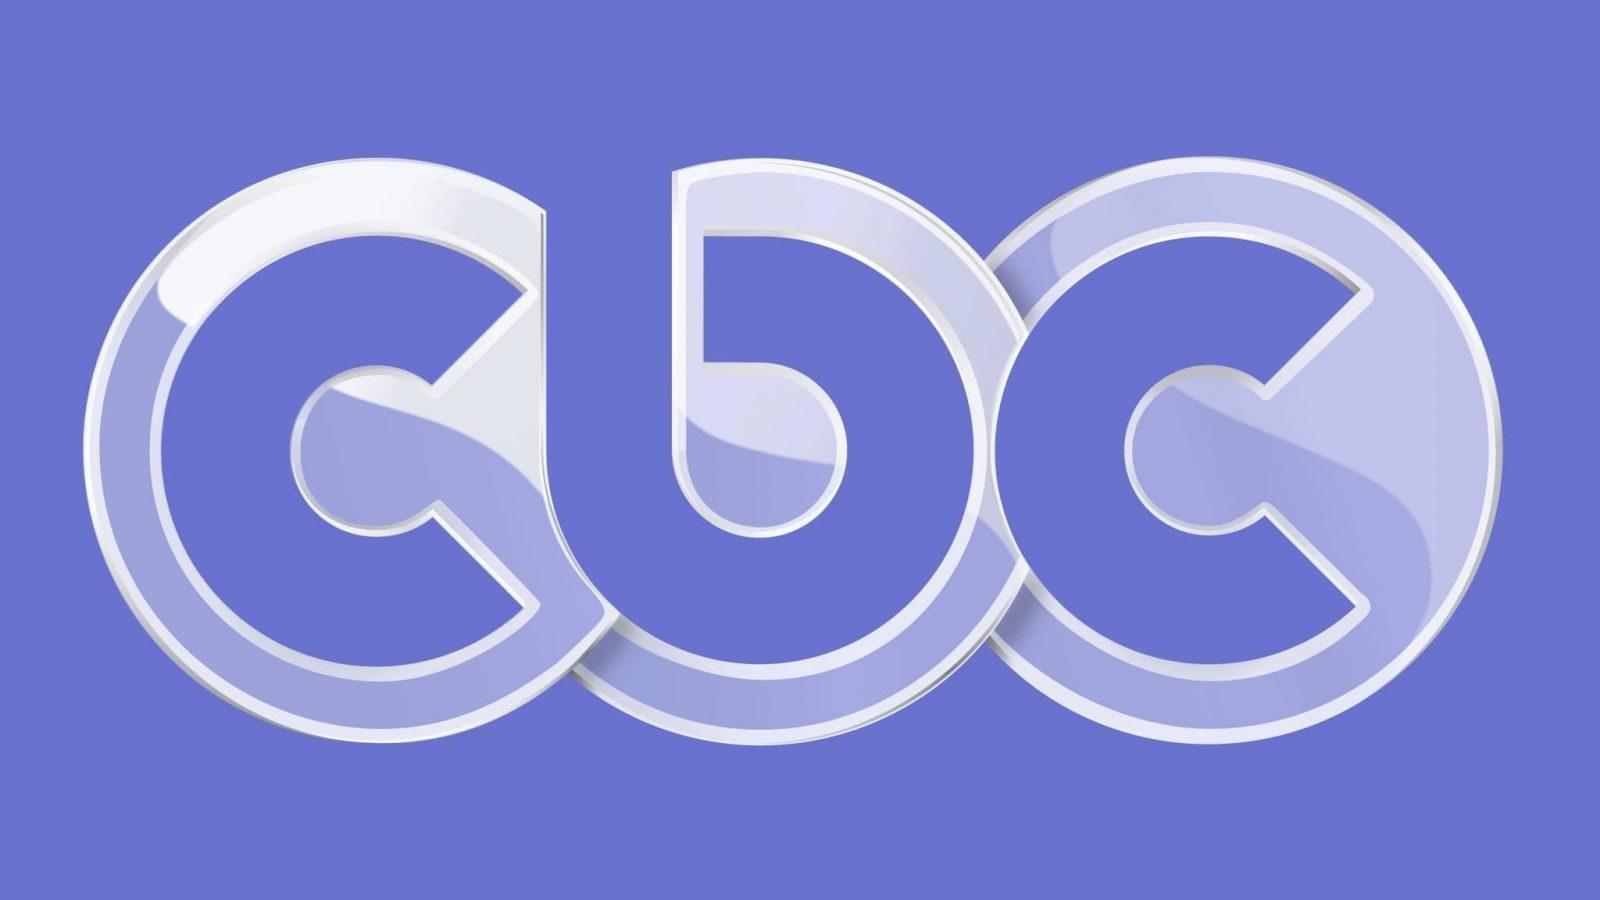 تردد قناة cbc دراما على نايل سات